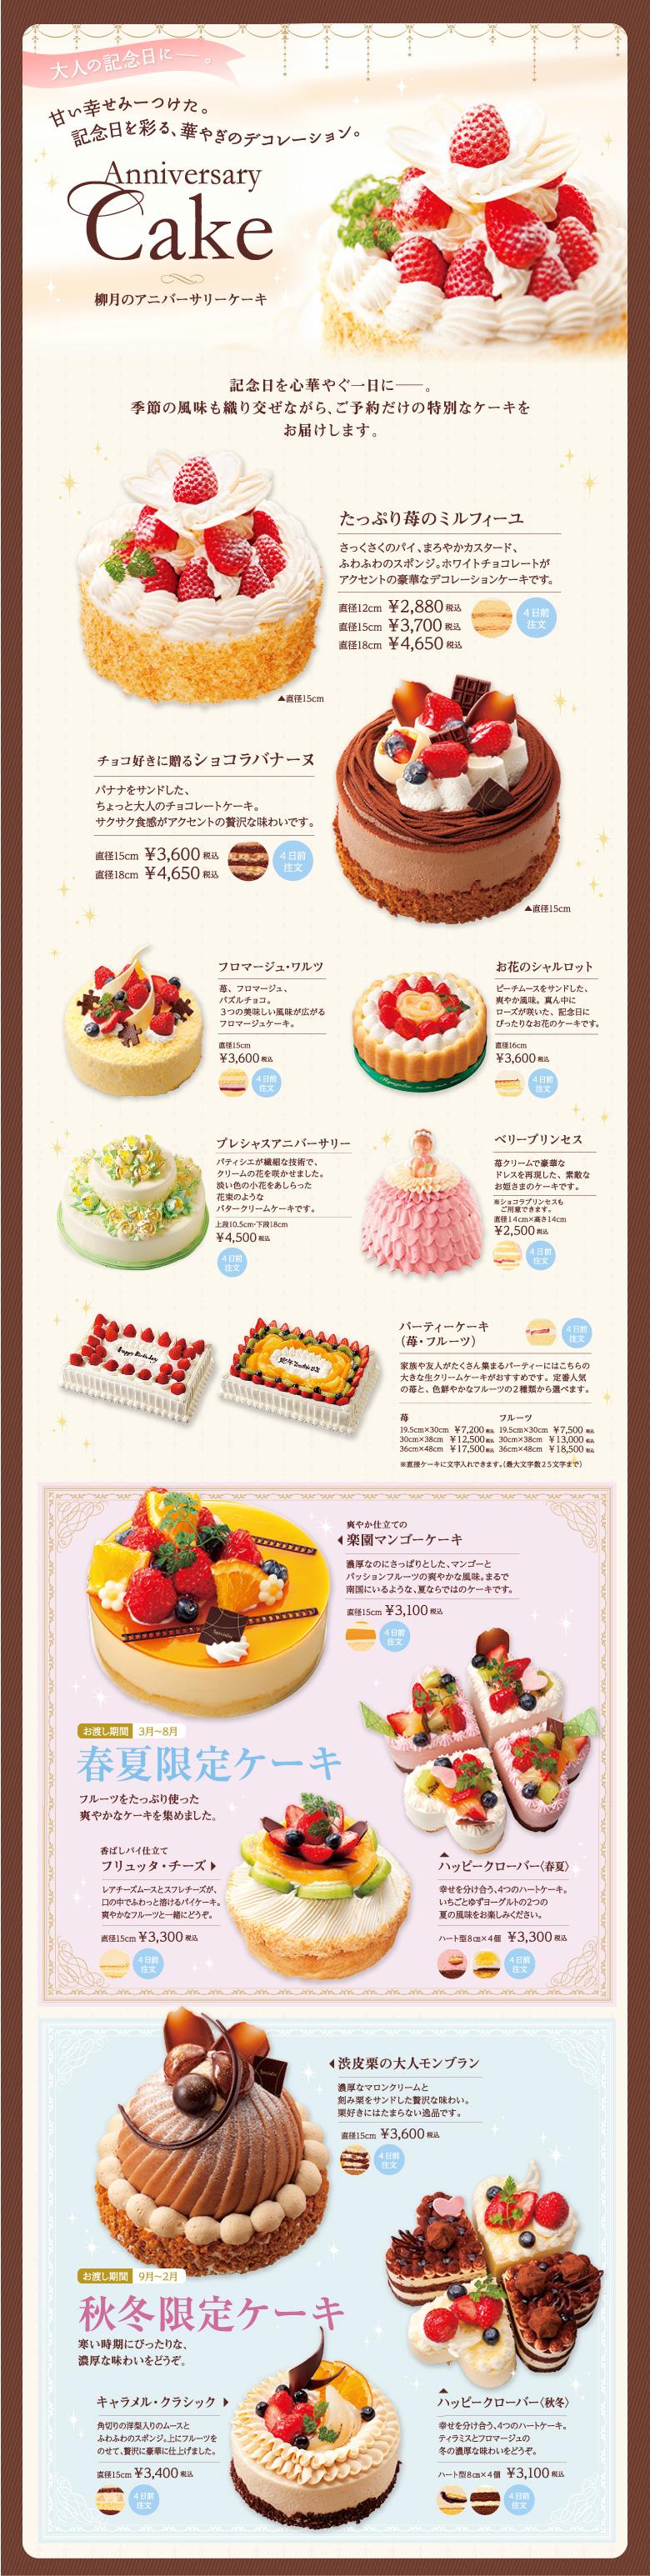 大人の記念日に。甘い幸せみーつけた。記念日を彩る、華やぎのデコレーション。Anniversary Cake 柳月のアニバーサリーケーキ